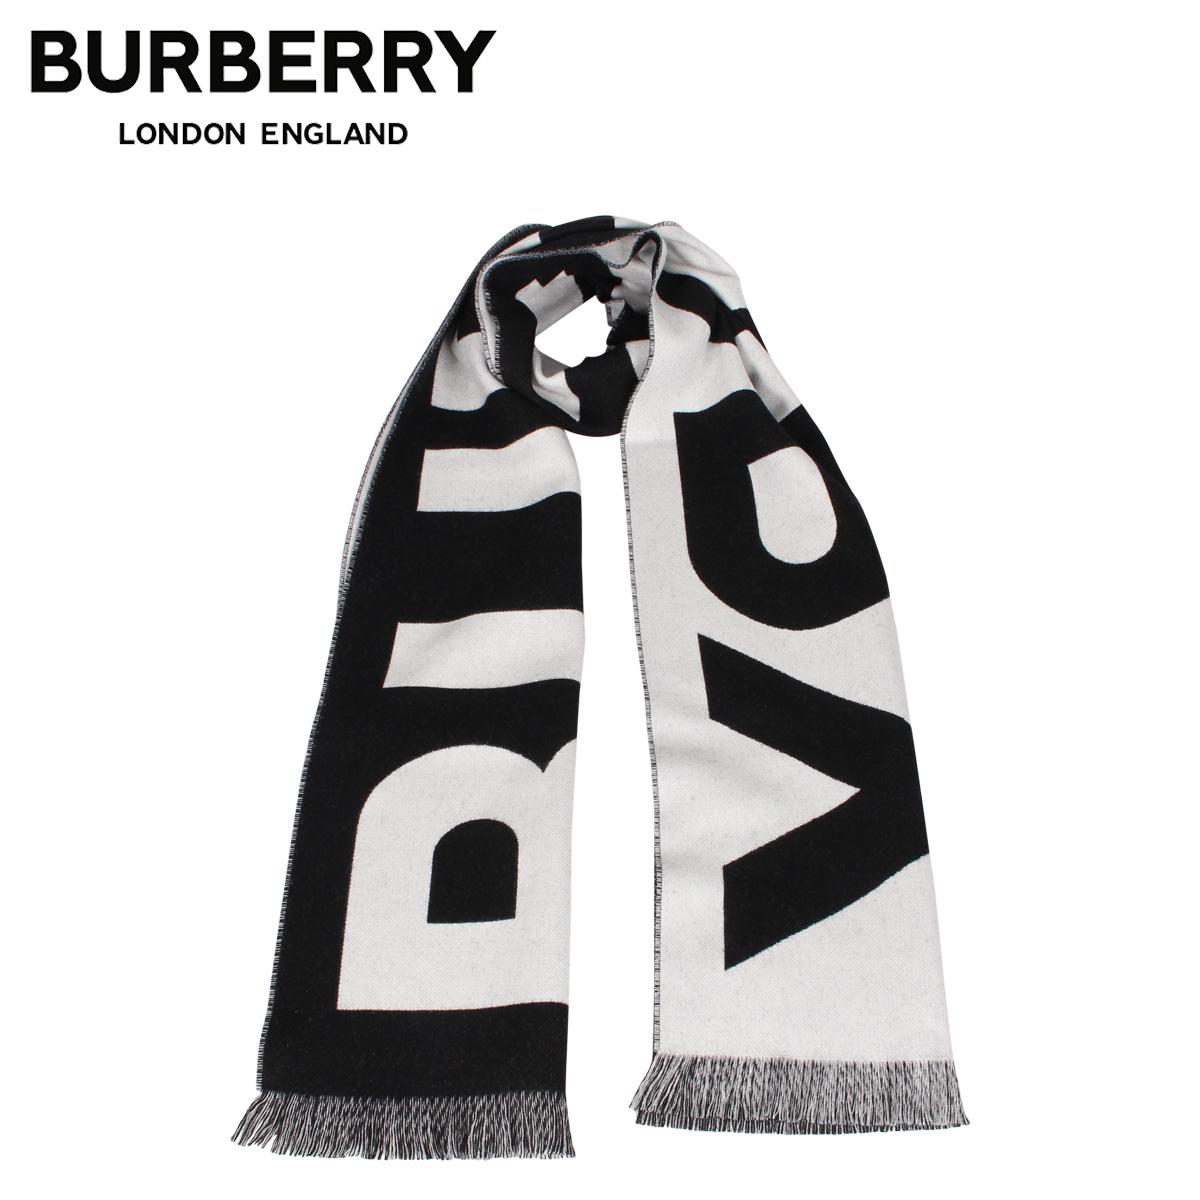 BURBERRY バーバリー マフラー スカーフ メンズ レディース ウール シルク MUFFLER ブラック 黒 8025557